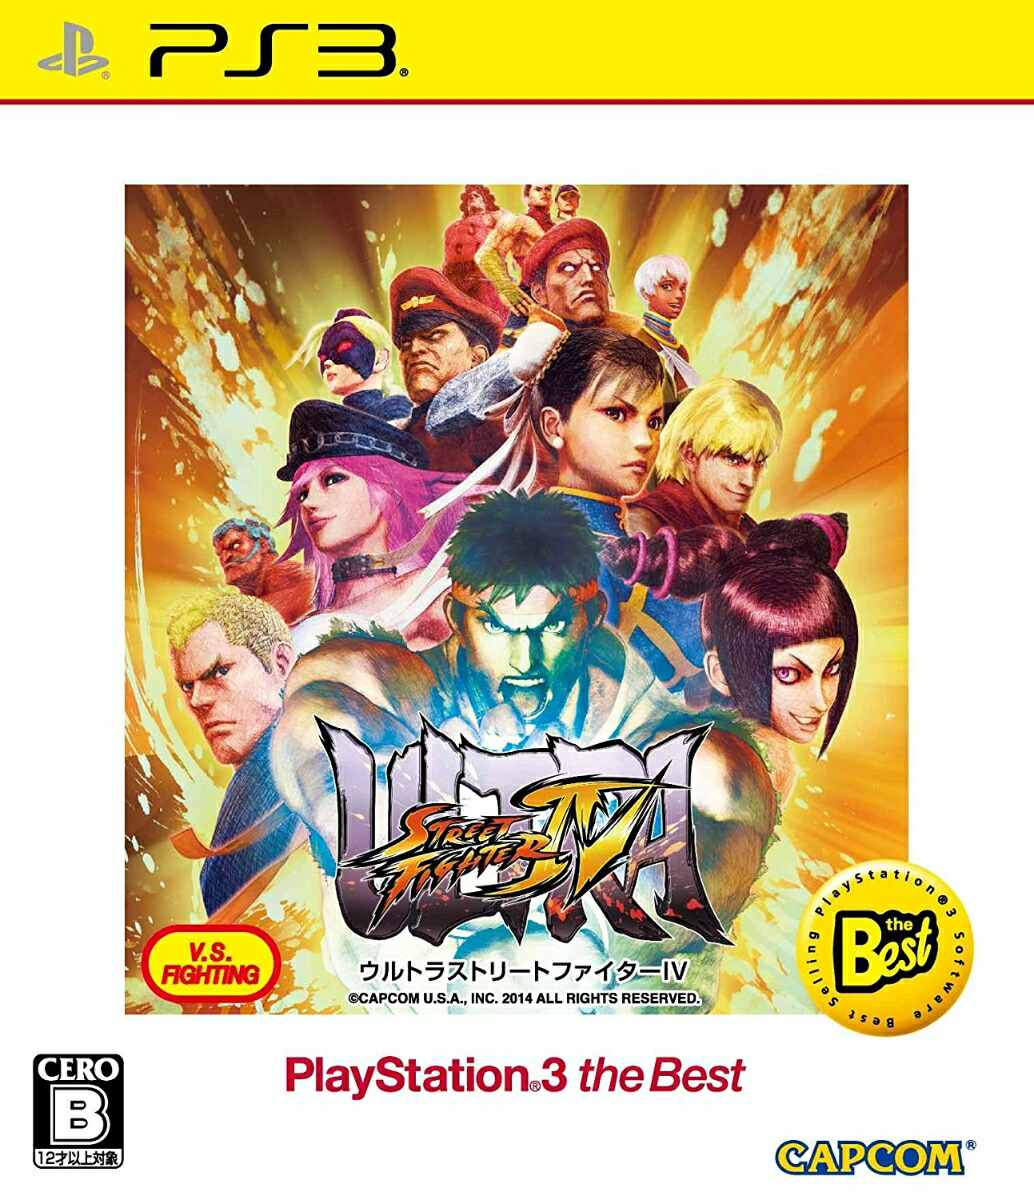 カプコン ウルトラストリートファイター IV [PlayStation 3 the Best]